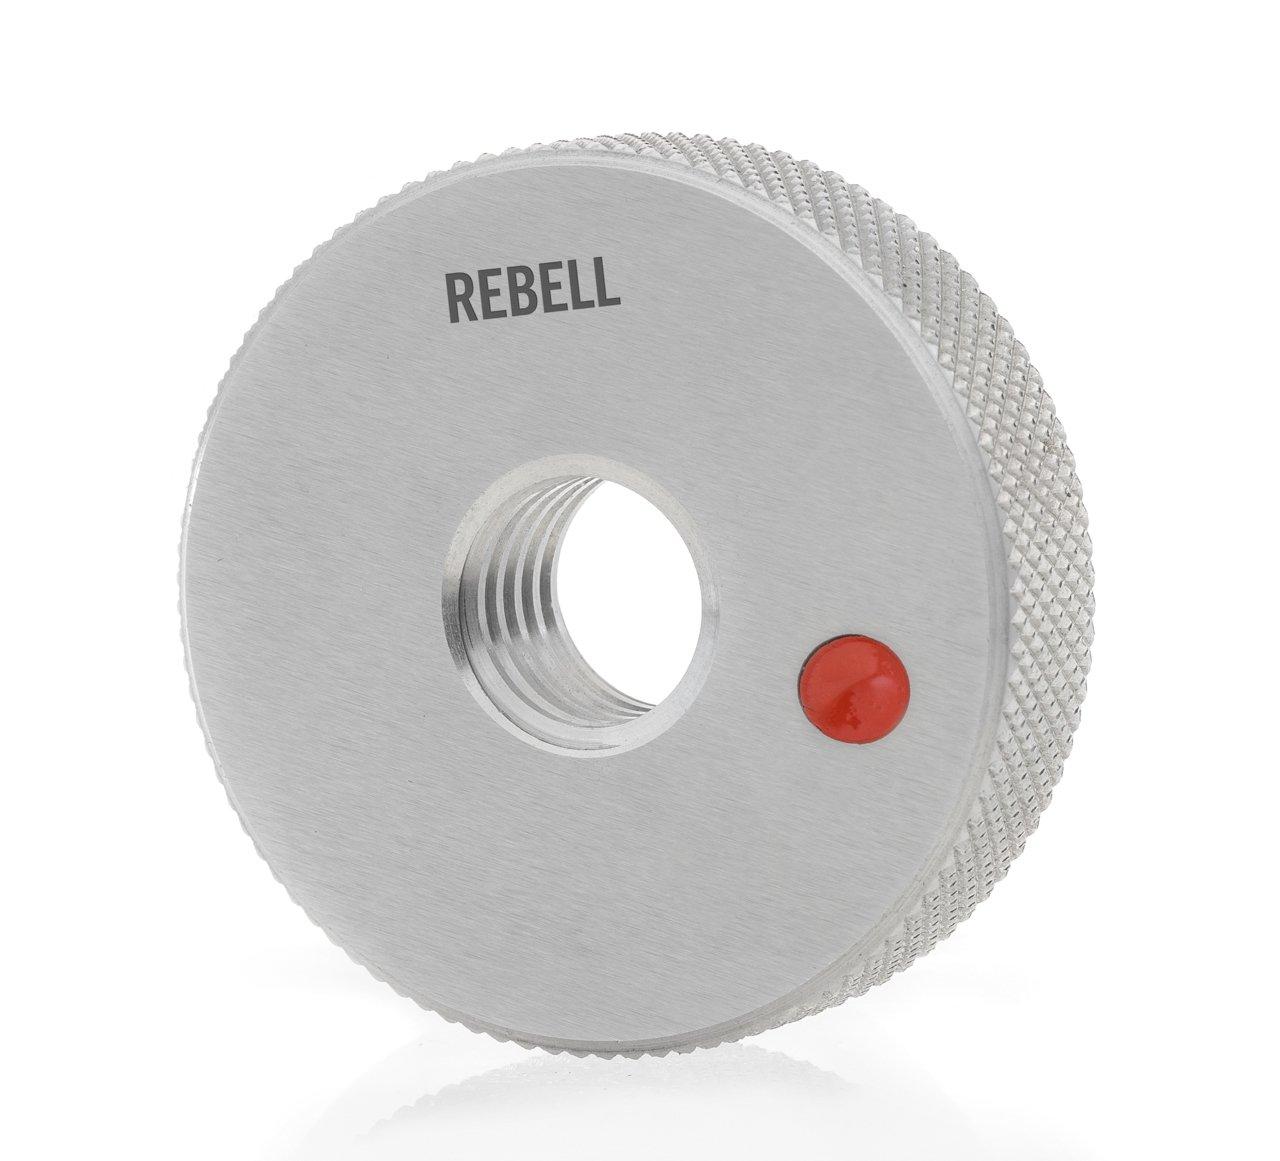 REBELL Gewinde-Ausschusslehrring UNEF RH 2A - Typ N